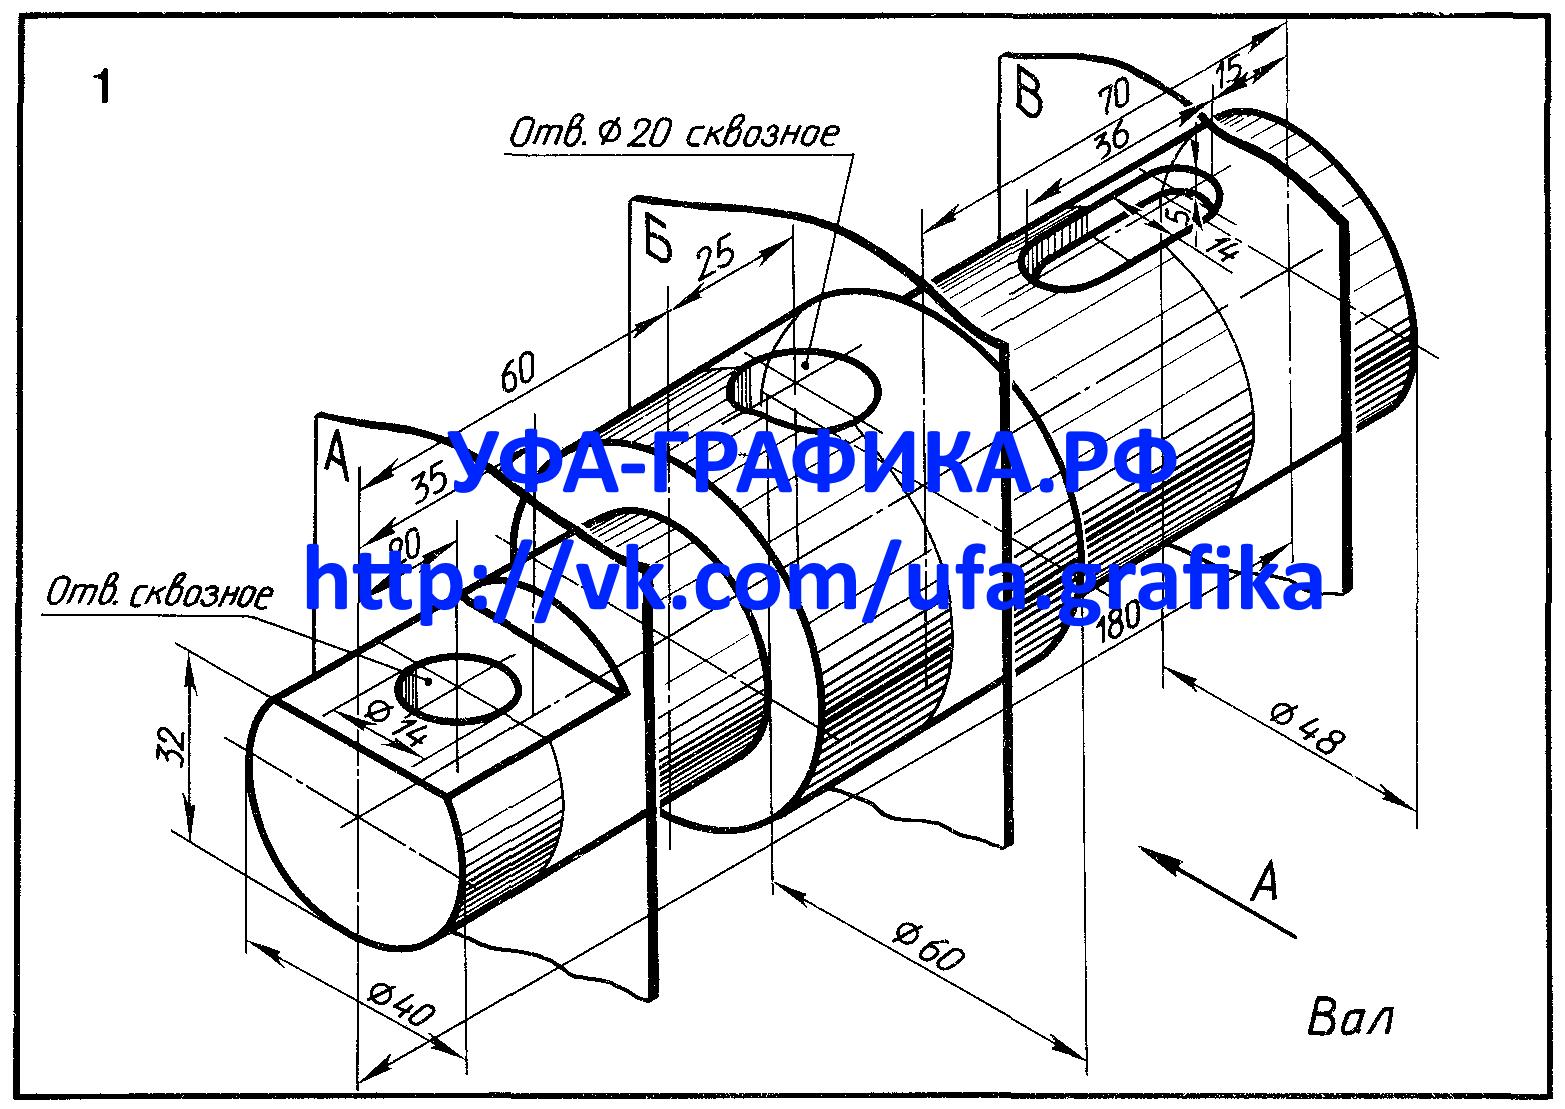 Сечения вала - Вариант 1, чертежи, деталирование, 3Д модели, начертательная геометрия, инженерная графика